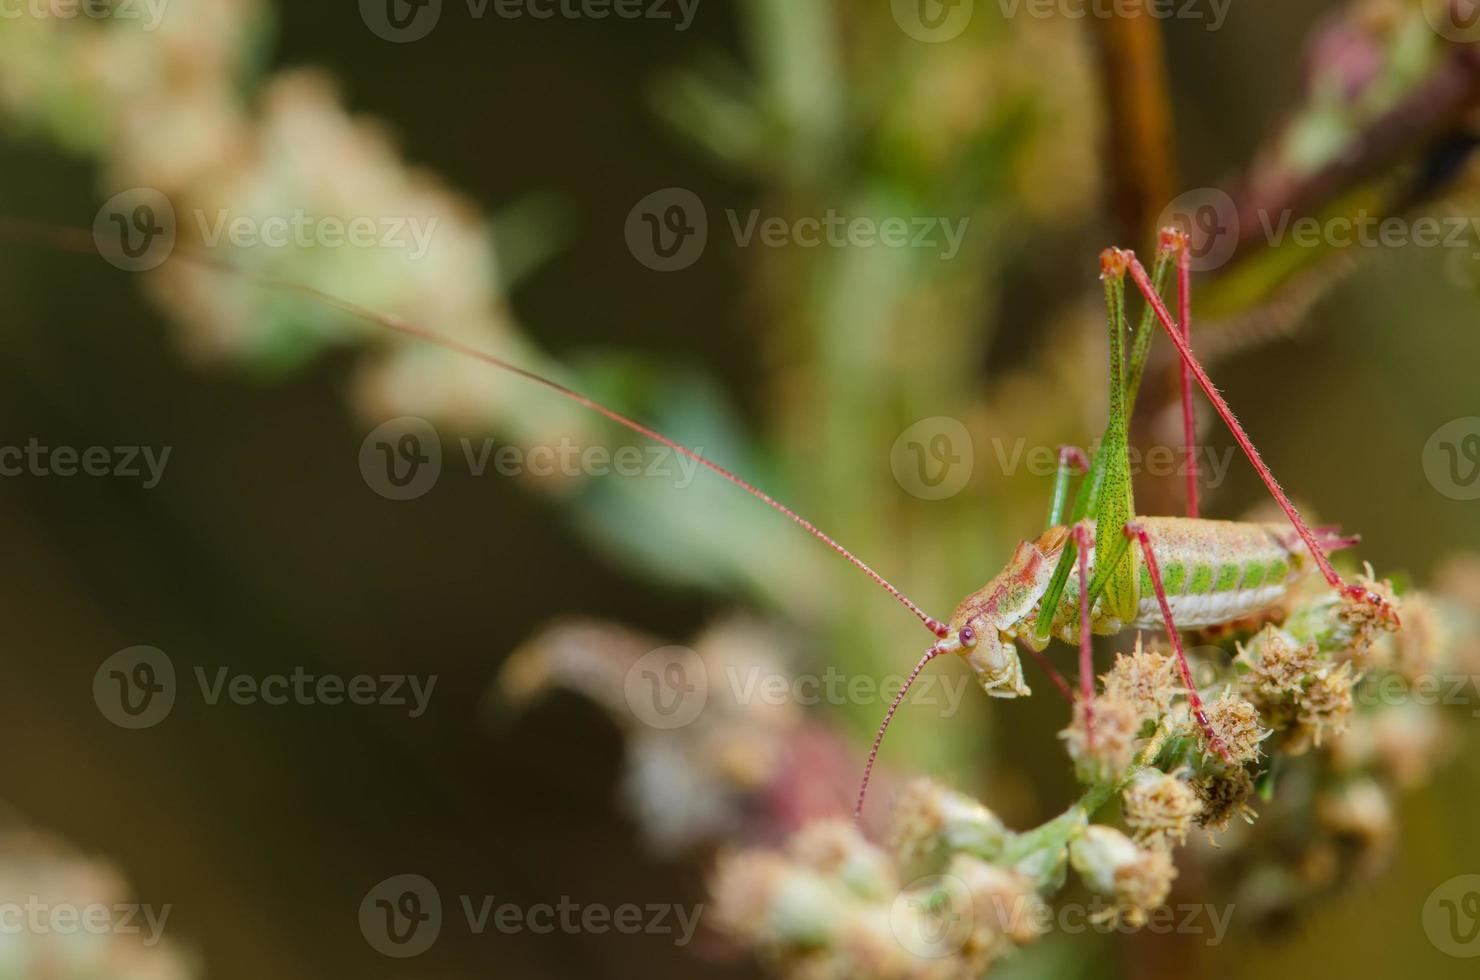 grön gräshoppa poserar för på blommor foto